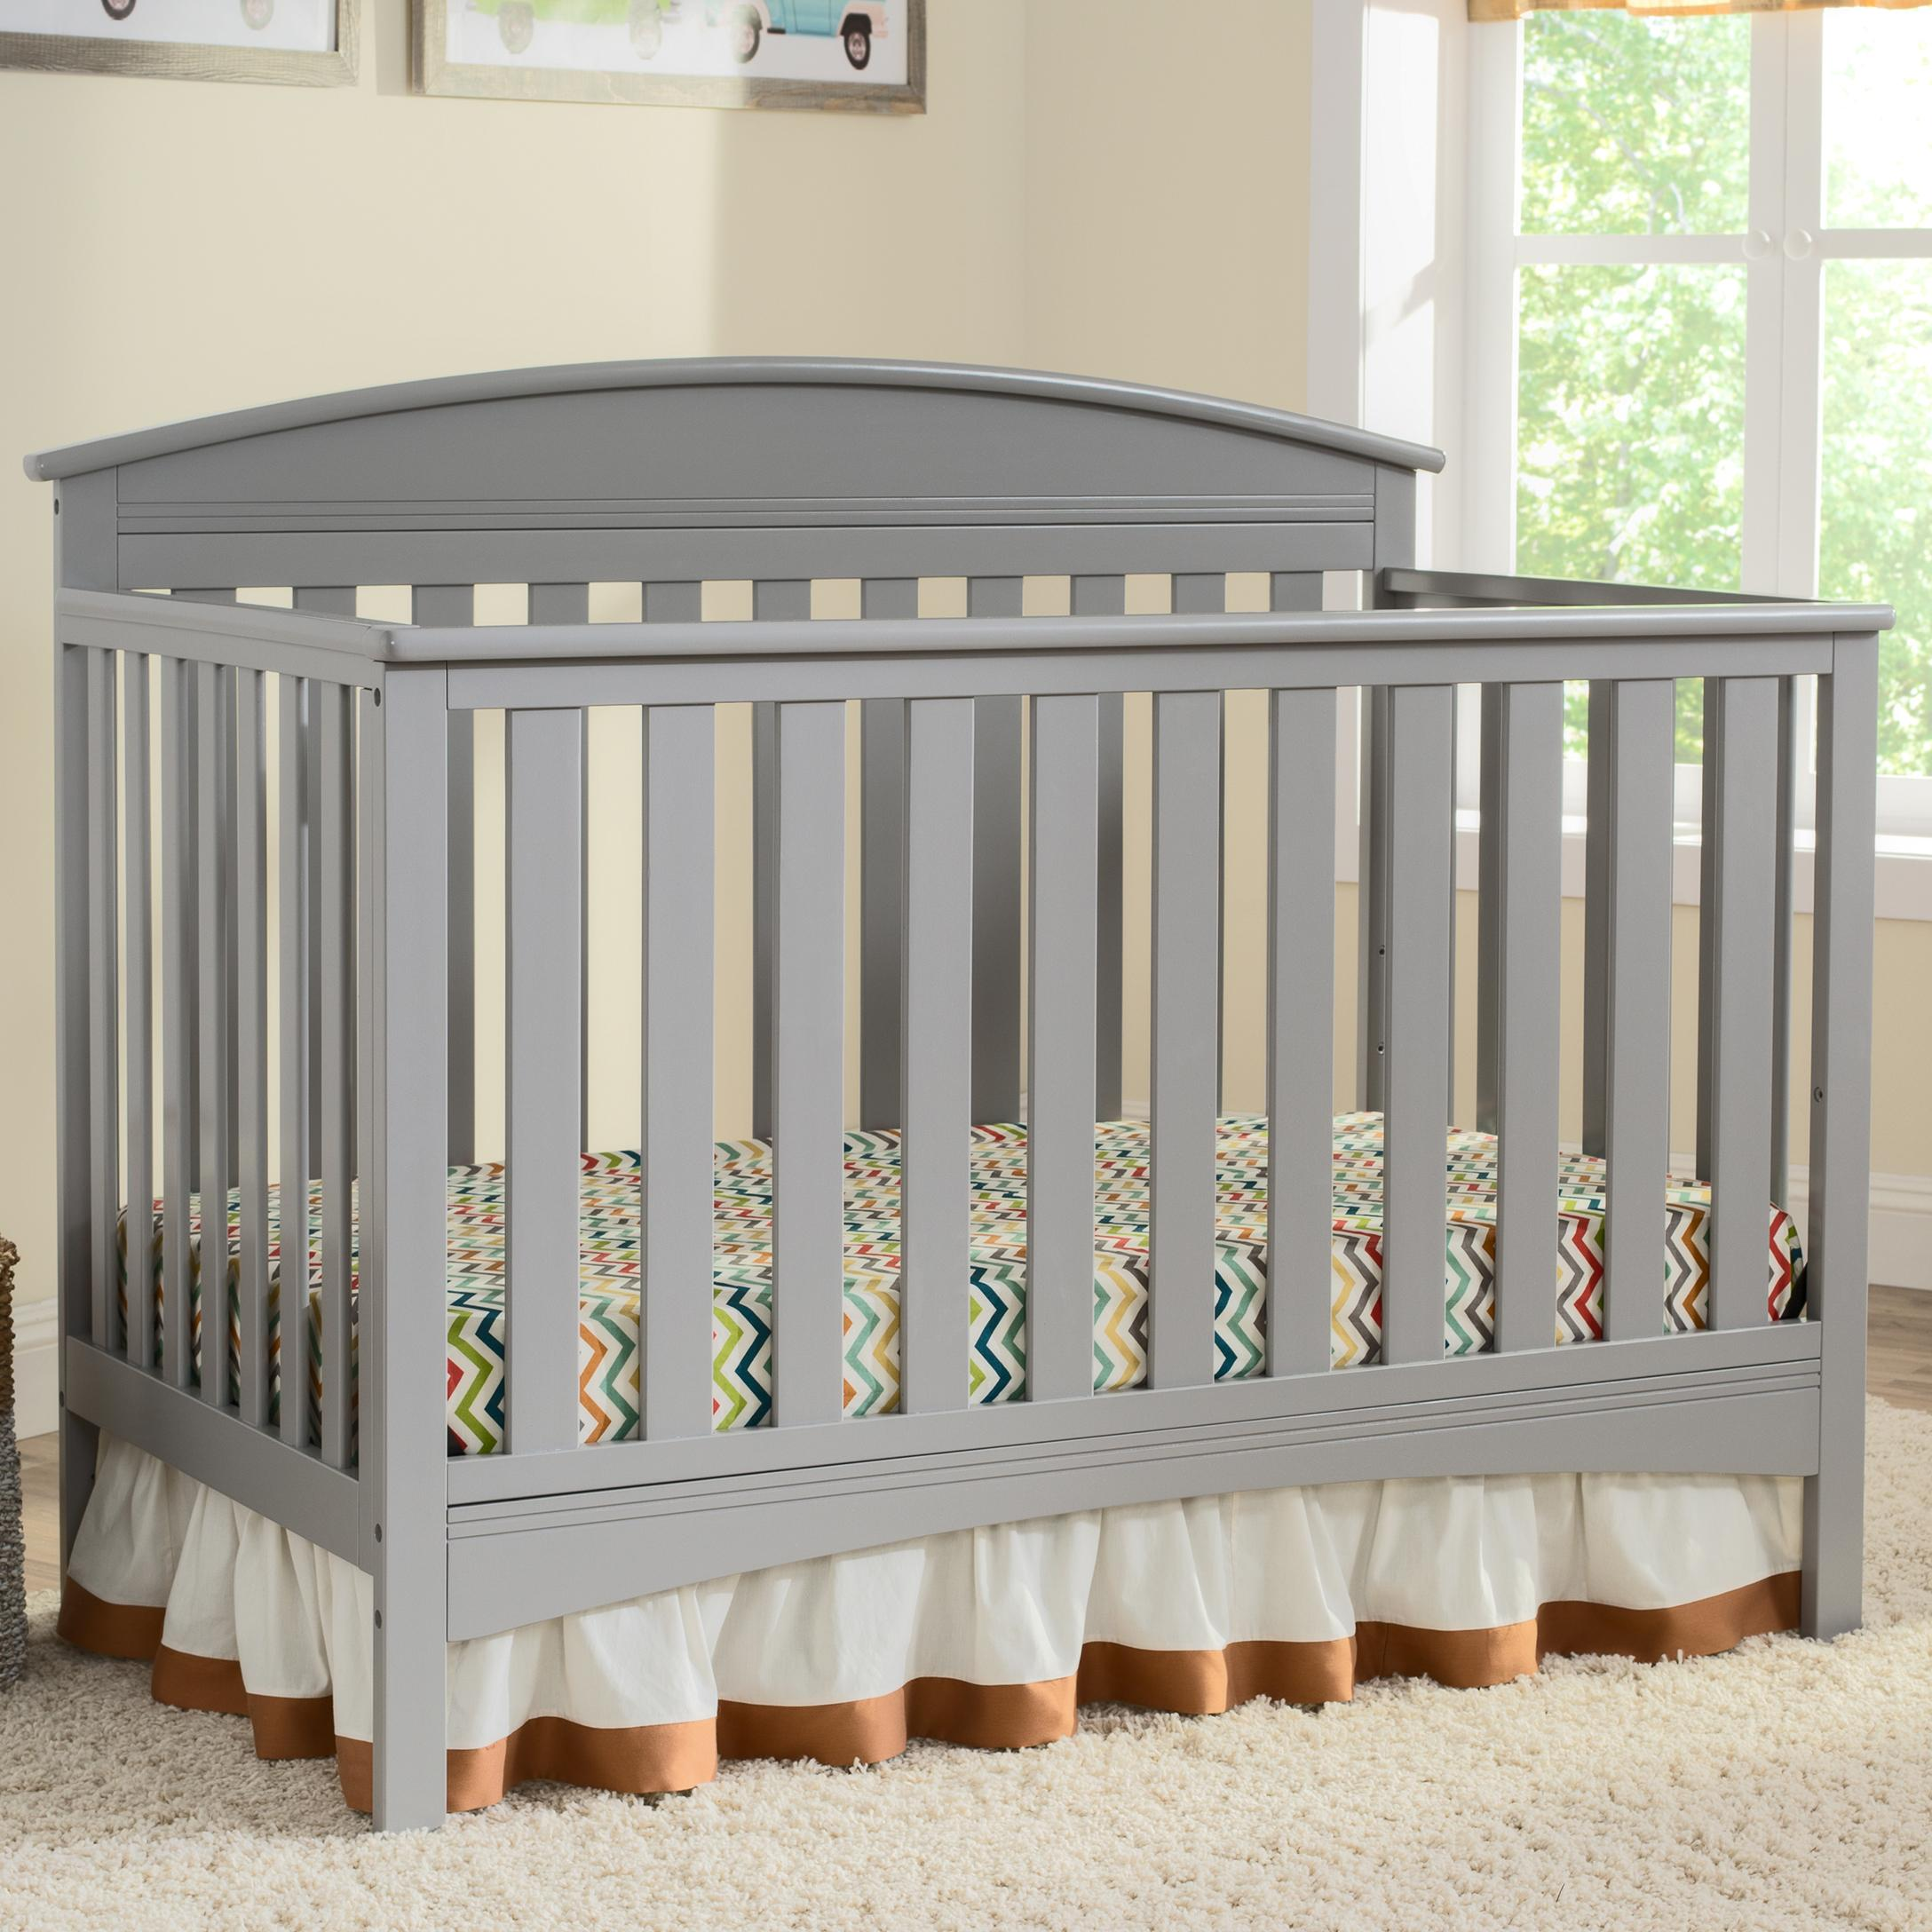 Amazon.com : Delta Children Abby 4-in-1 Convertible Crib ...